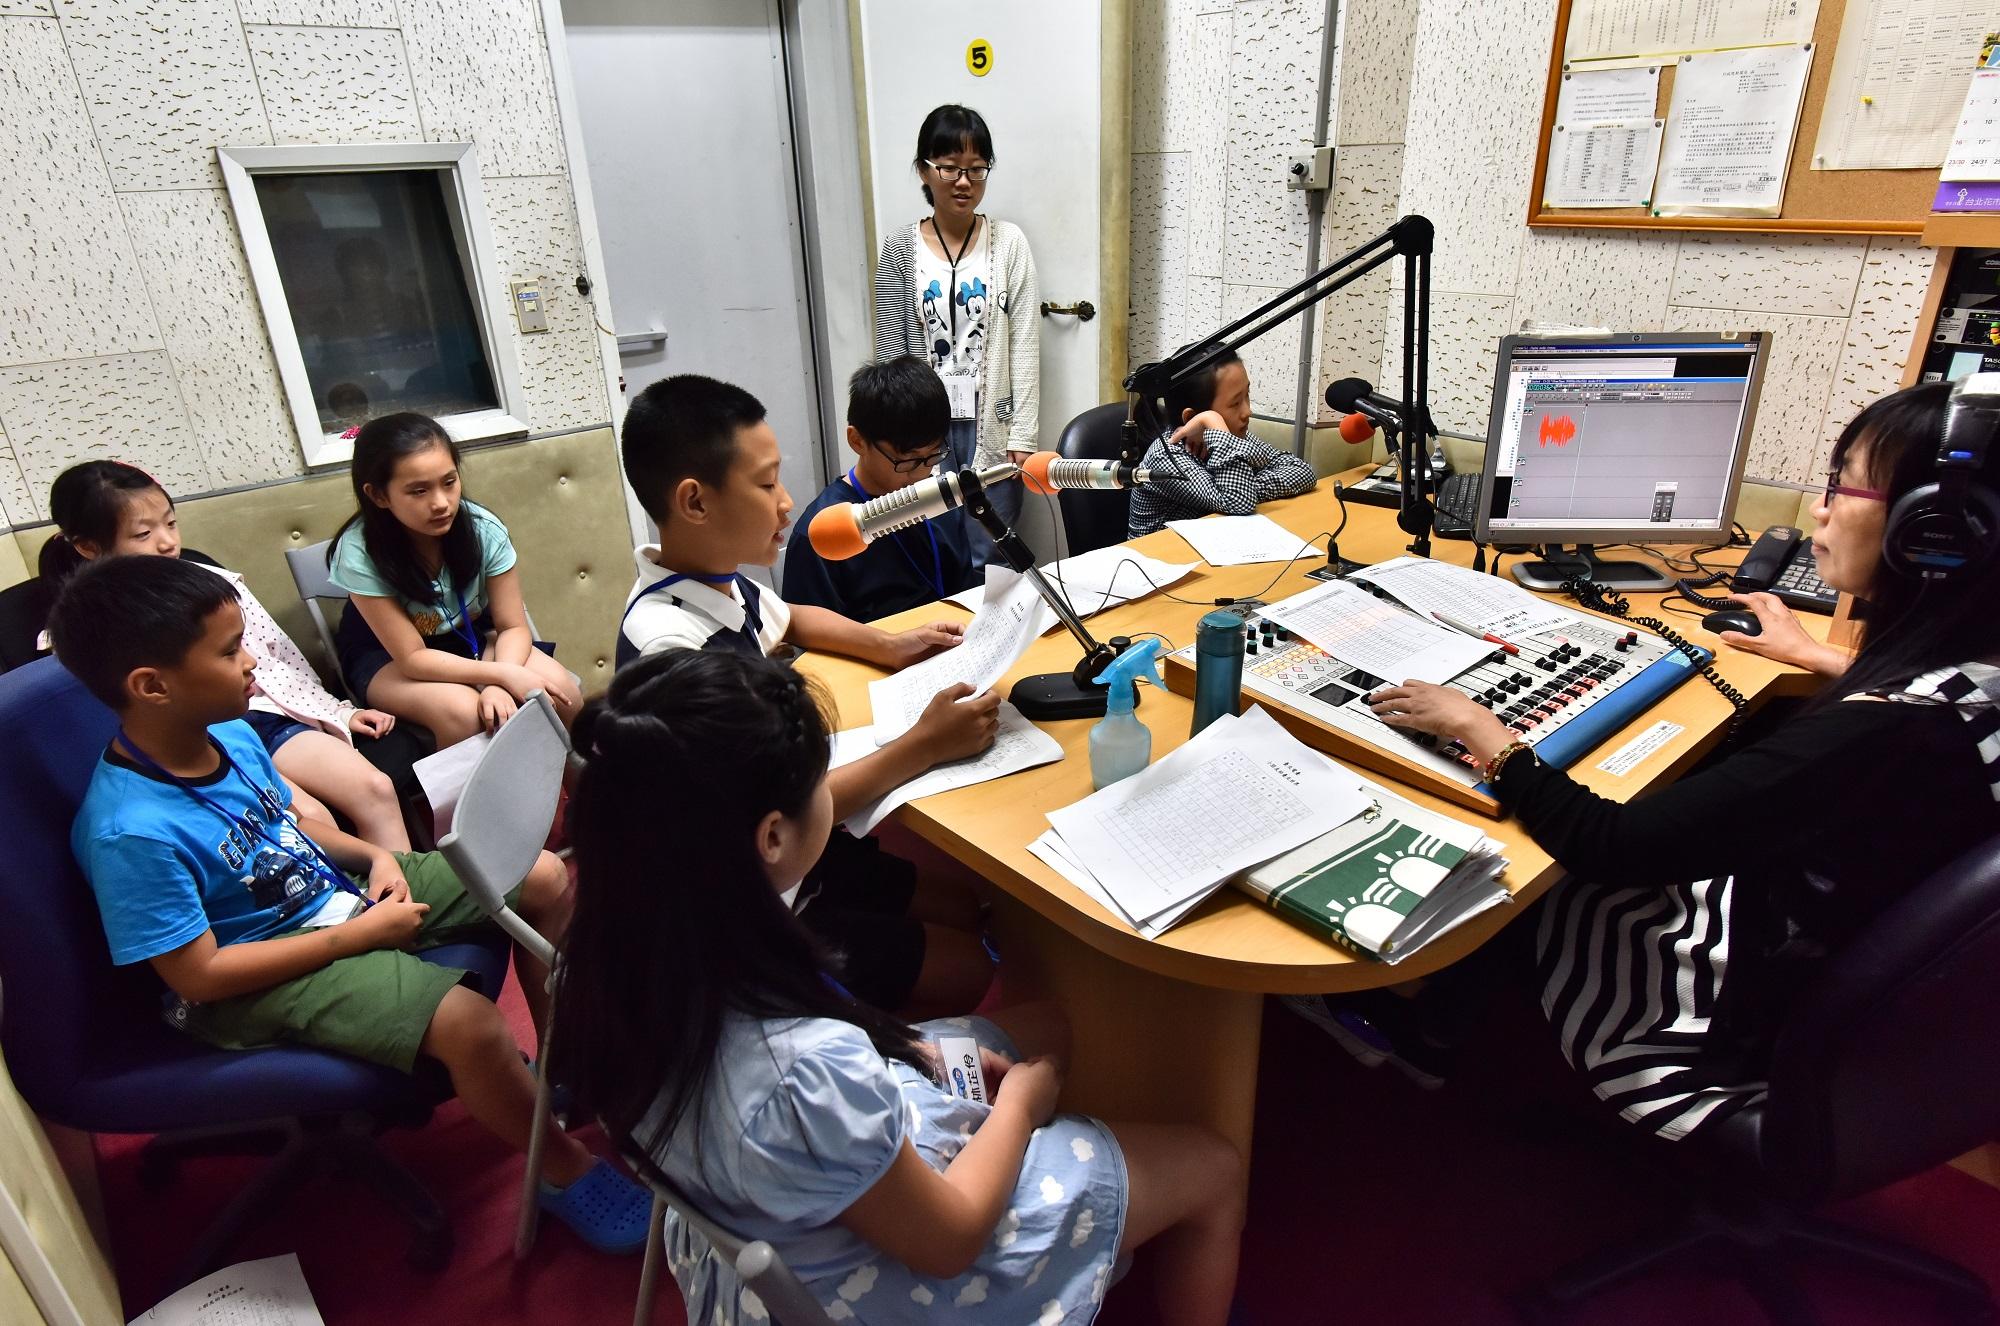 臺北電臺廣播營小朋友錄音情形